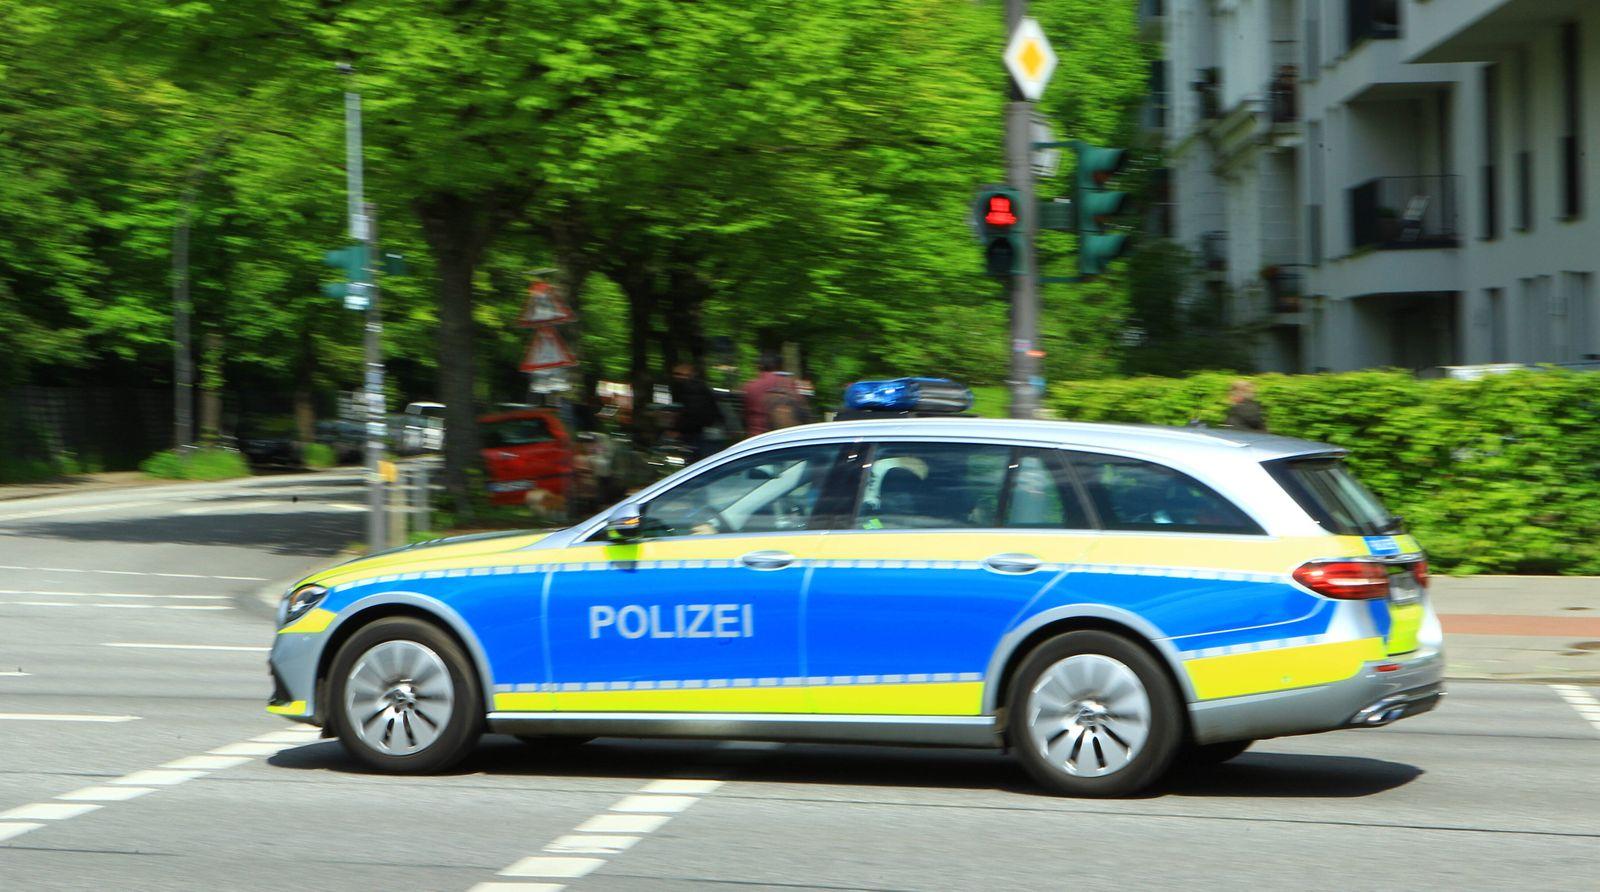 Ein Einsatzfahrzeug der Polizei Hamburg bei einem Einsatz. Eimsbüttel Hamburg *** An emergency vehicle of the police Ham